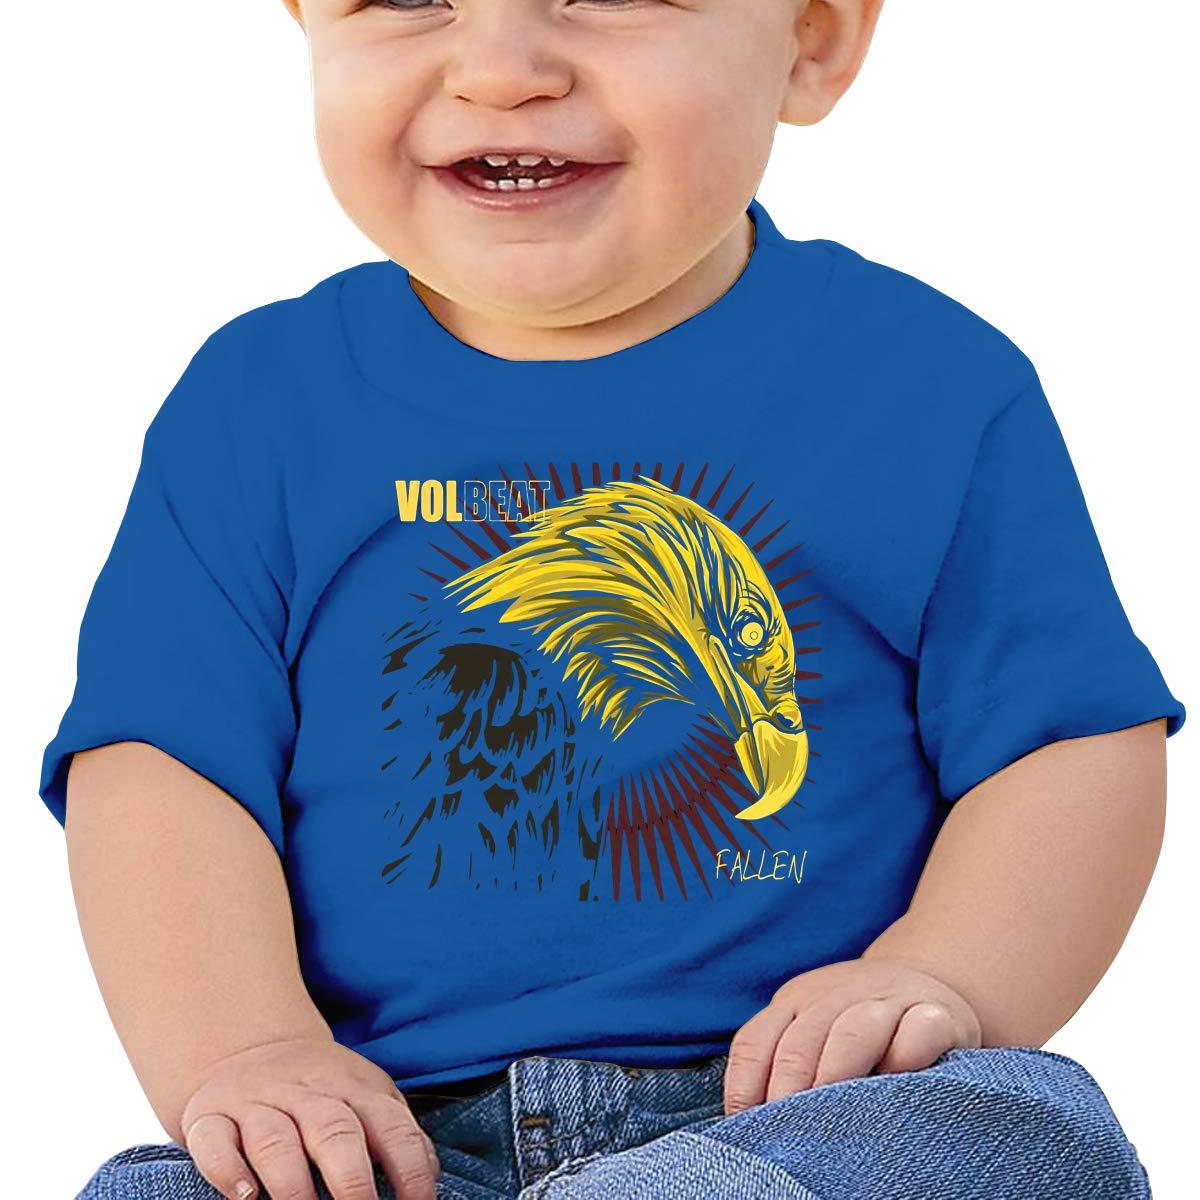 Volbeat Fallen Toddler Short-Sleeve Tee for Boy Girl Infant Kids T-Shirt On Newborn 6-18 Months